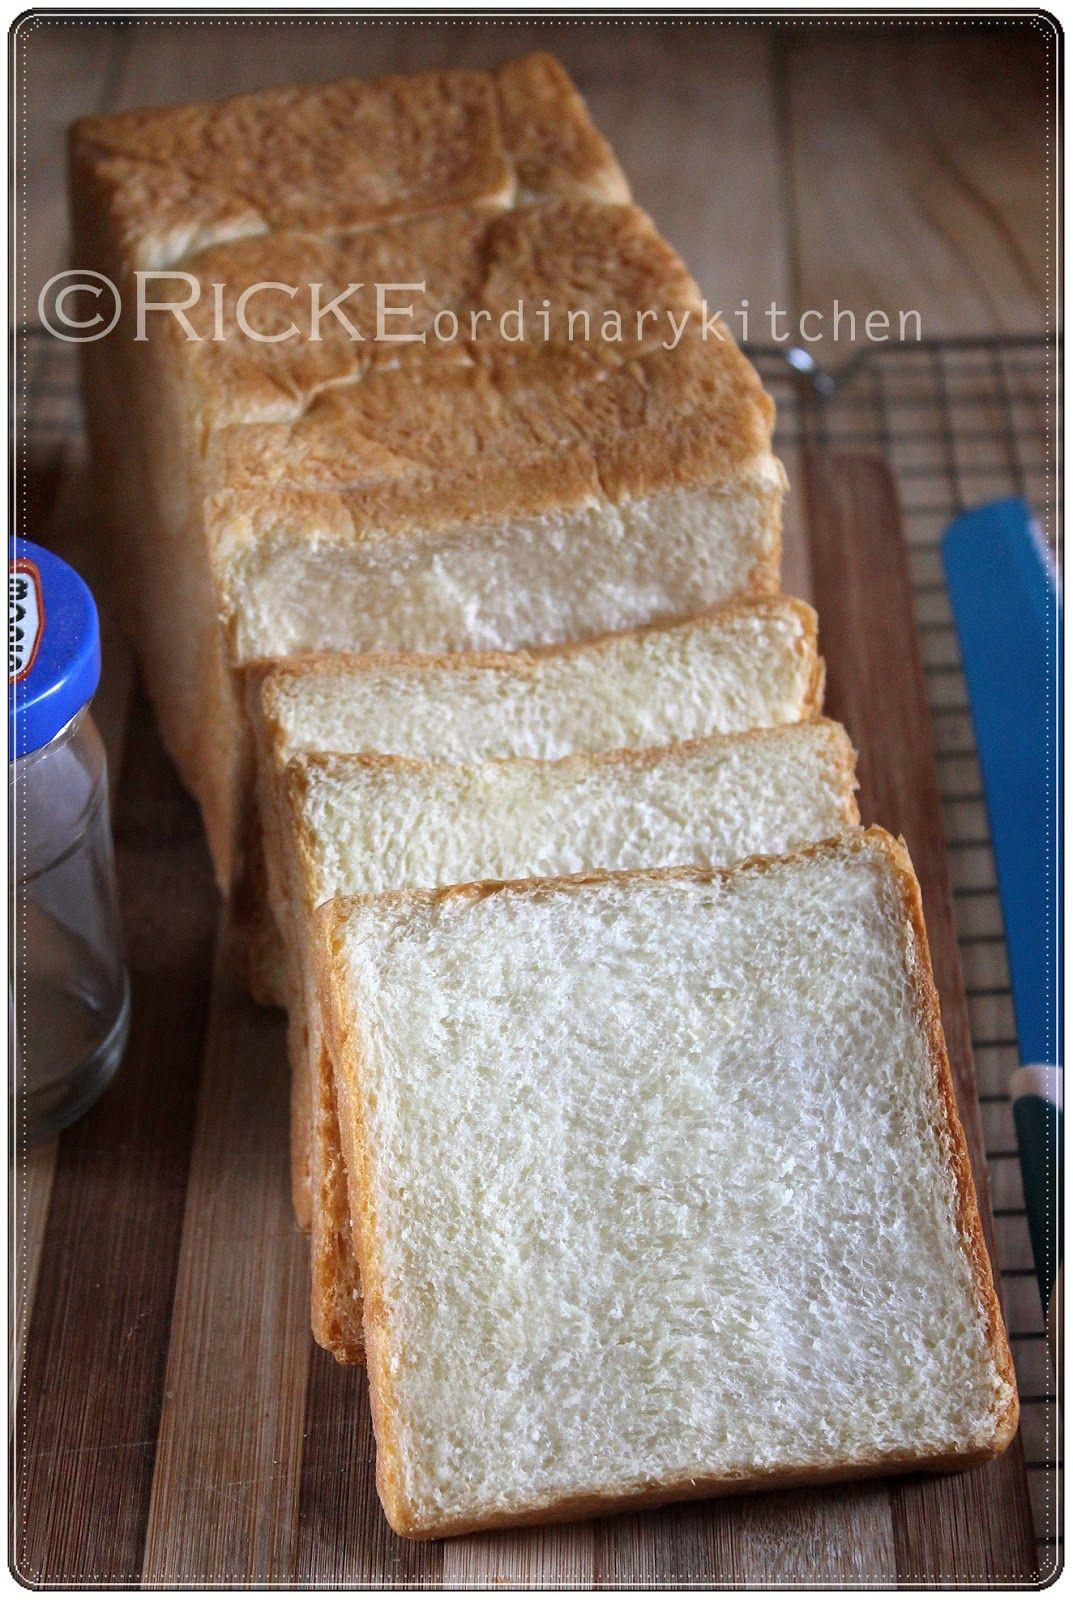 Mencoba Untuk Mengumpulkan Semangat Untuk Update Blog Lagi Di Tengah Tengah Persiapan Kepindahan Nanti Saya Membuat Roti Tawar In Rotis Roti Lapis Resep Roti